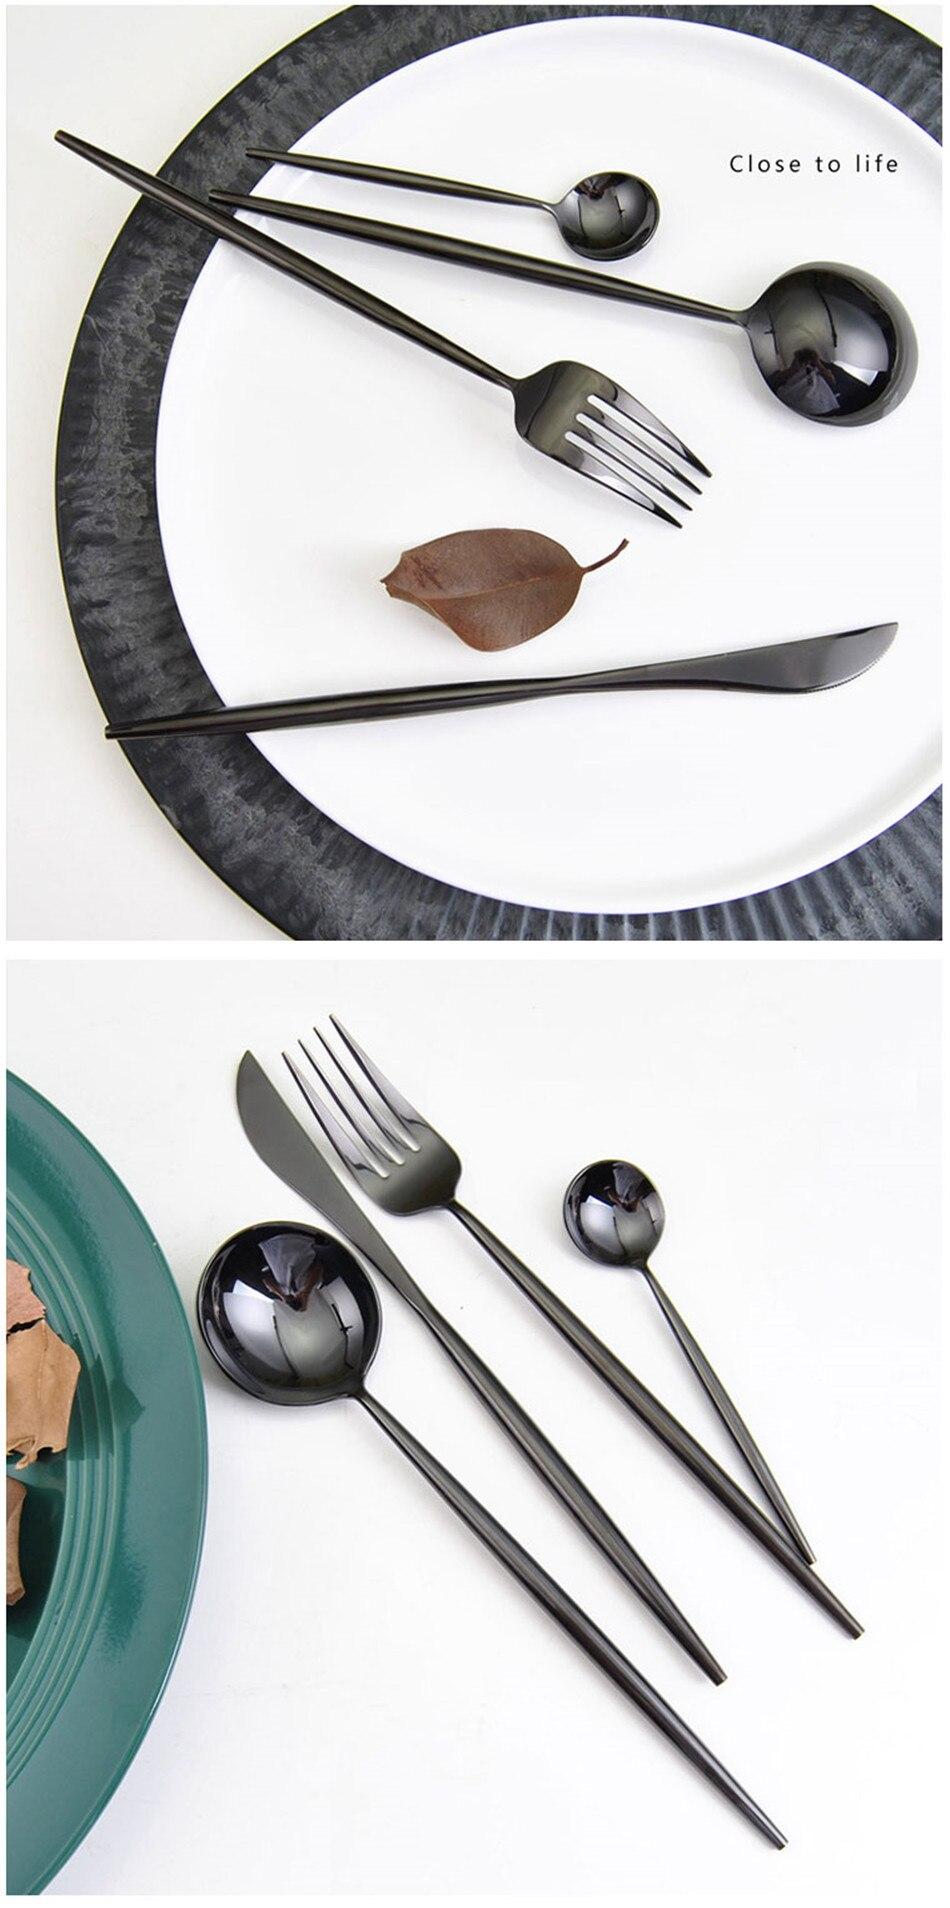 304 Stainless Steel Tableware Set Mirror Shining Rose Gold European Western Food Dinnerware Sets knife Forks Black Cutleries 4pc (6)